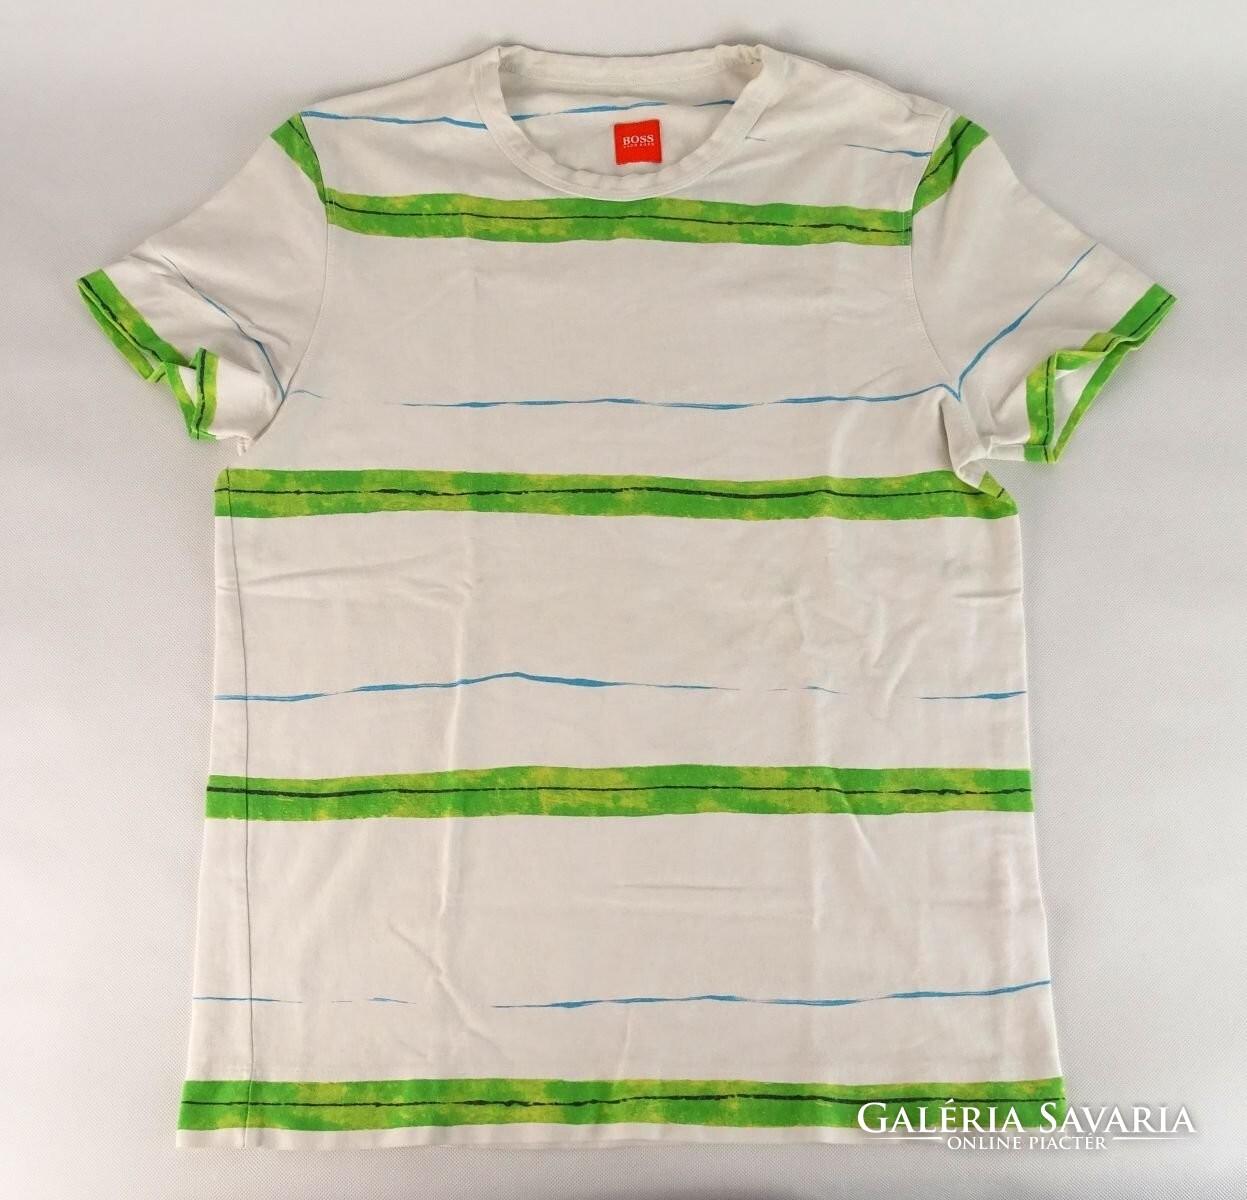 1fc9040dcf 0V752 Hugo Boss rövid ujjú póló - Wardrobe | Galeria Savaria online ...